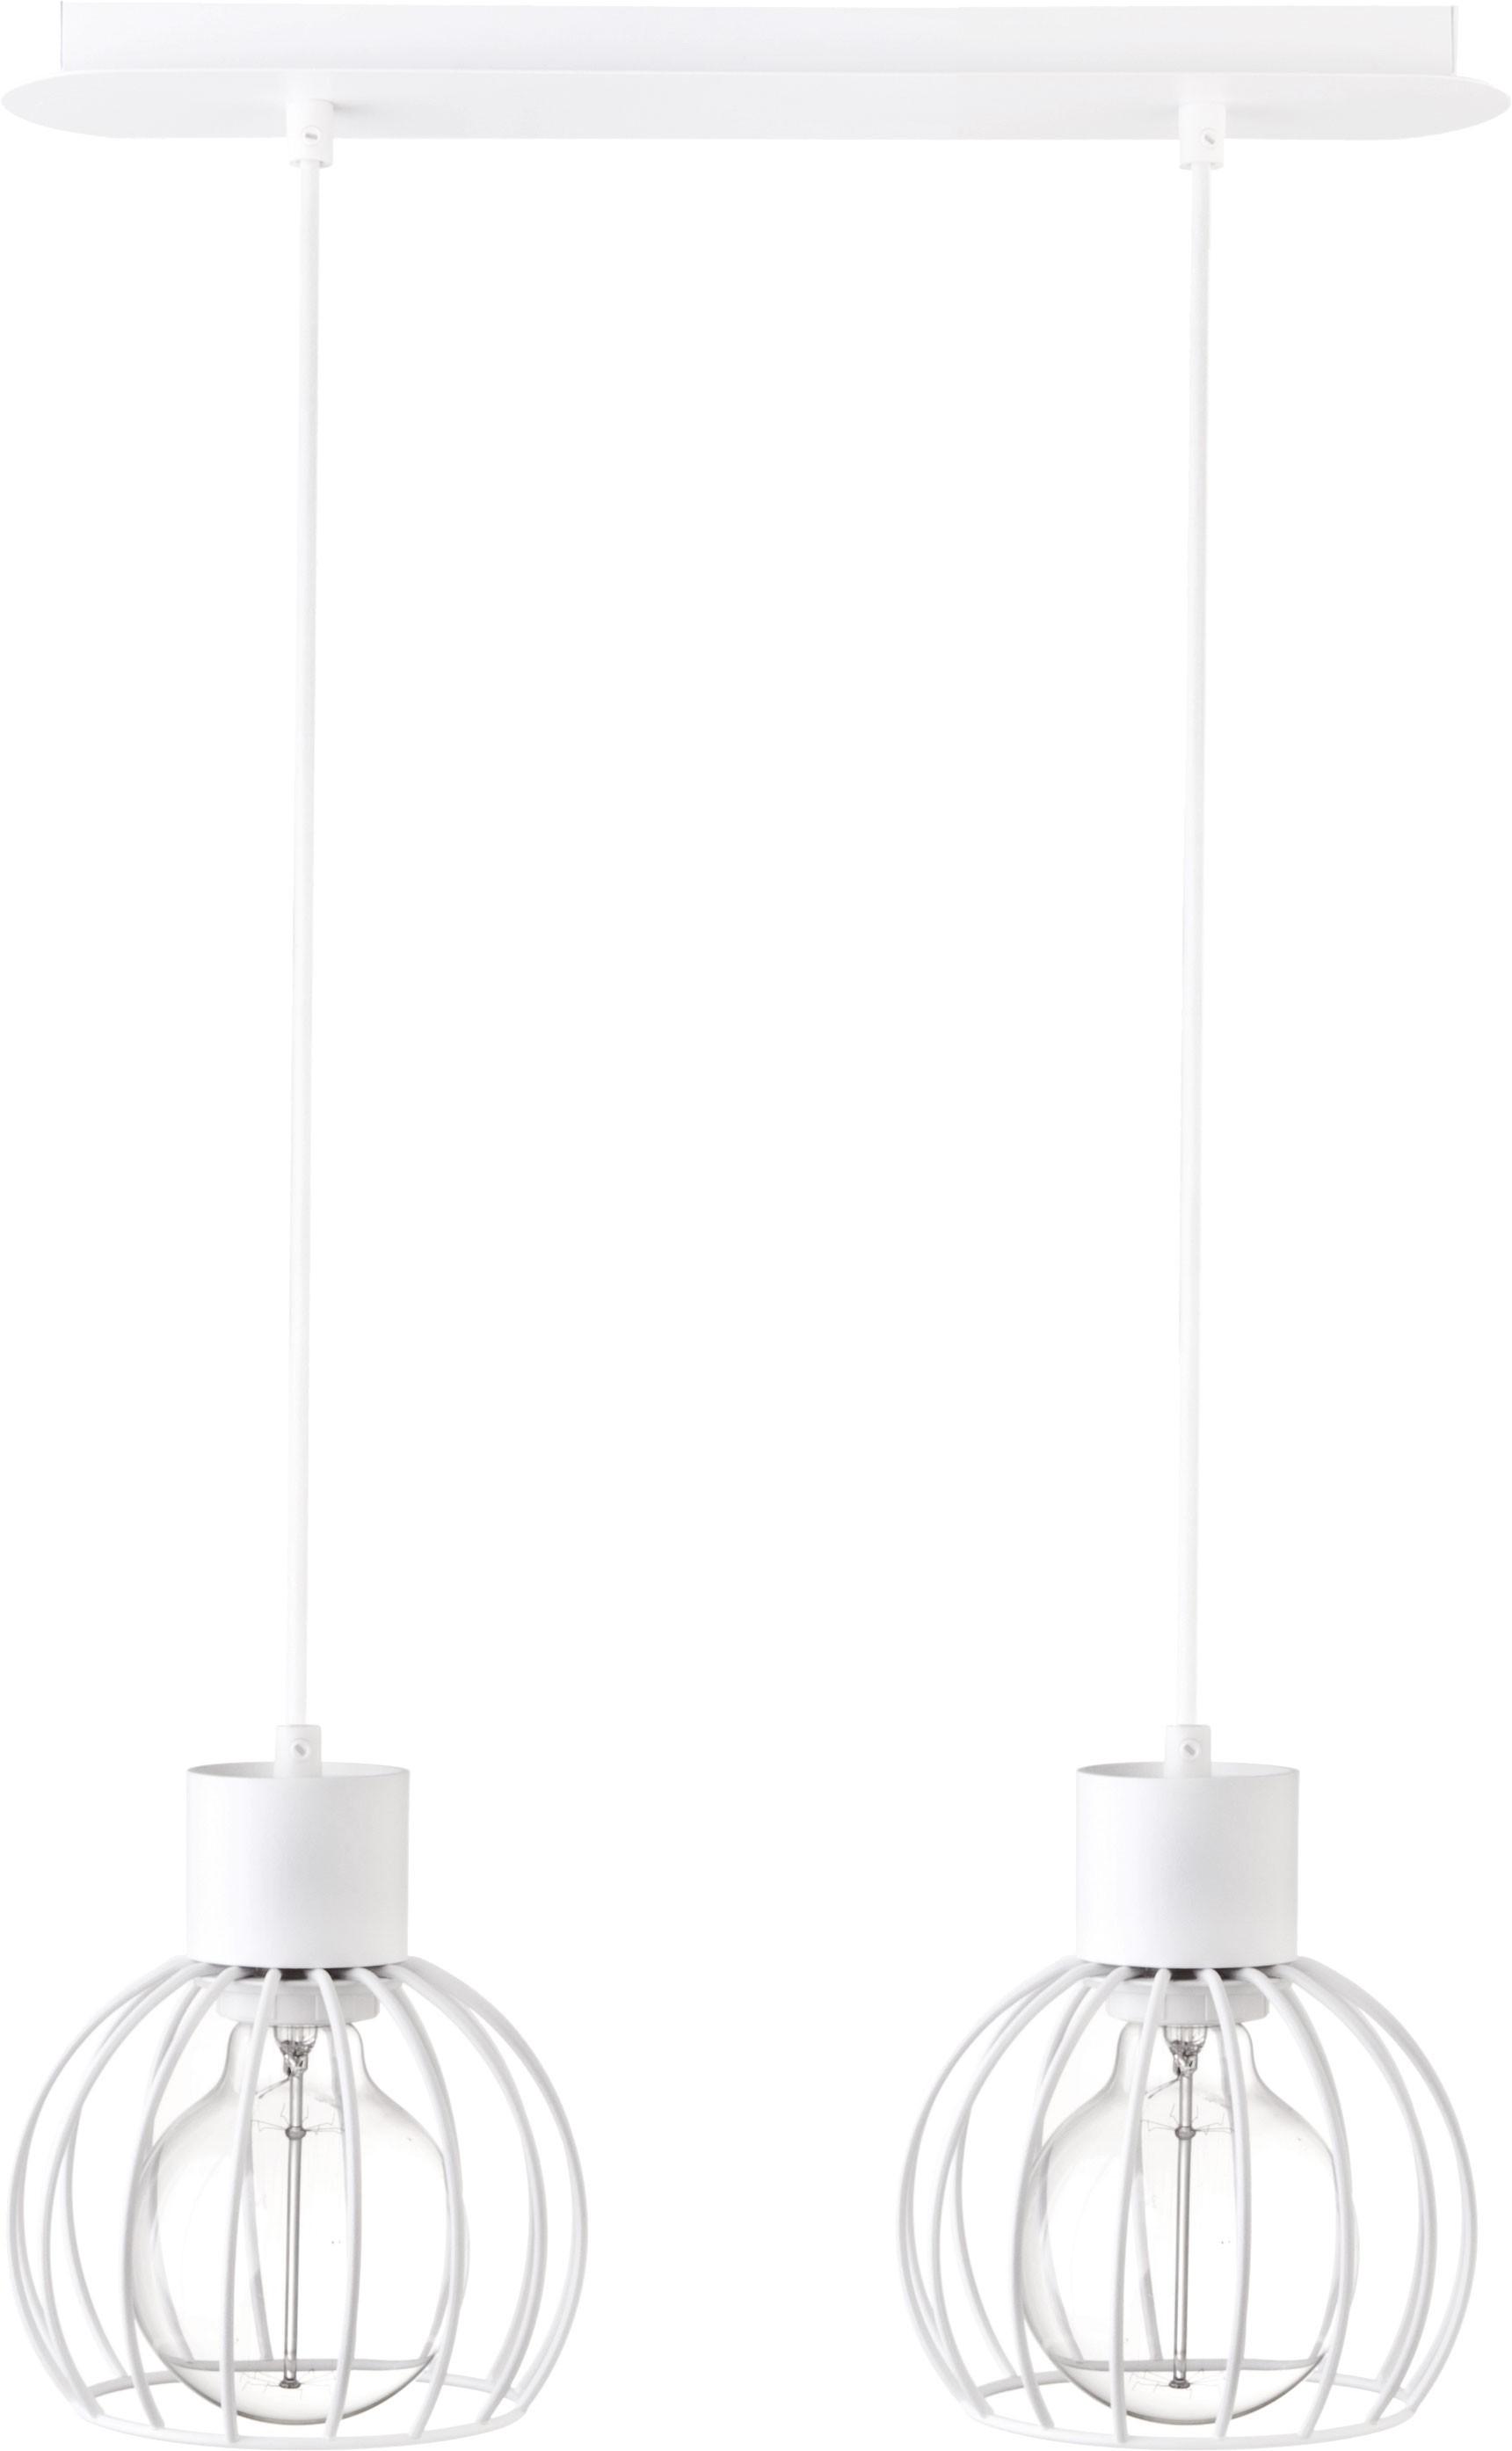 Lampa wisząca Luto koło 2 biała mat 31166 - Sigma Do -17% rabatu w koszyku i darmowa dostawa od 299zł !